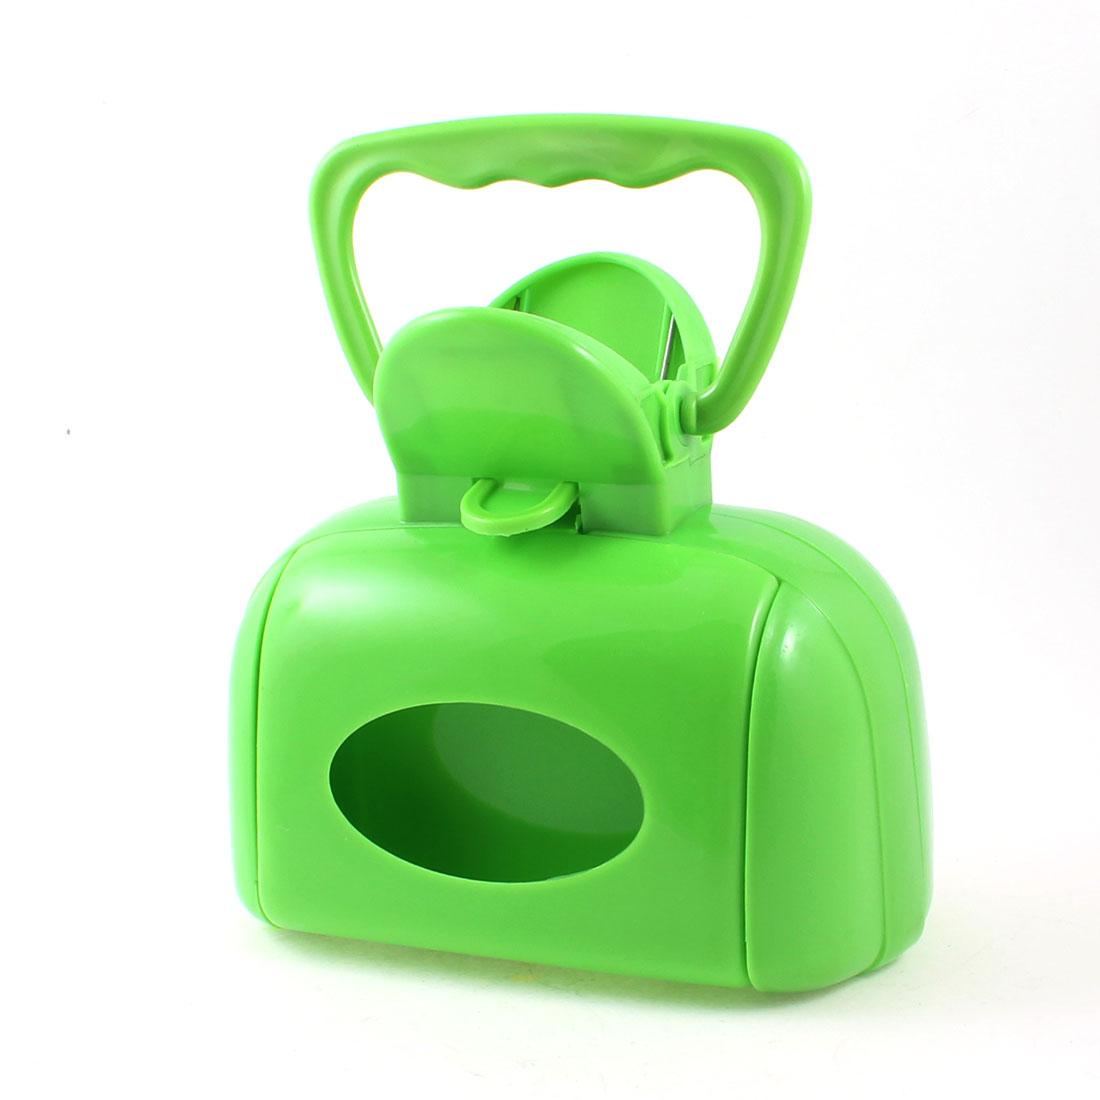 Pet Cat Puppy Spring Action Green Plastic Poop Scooper Grip